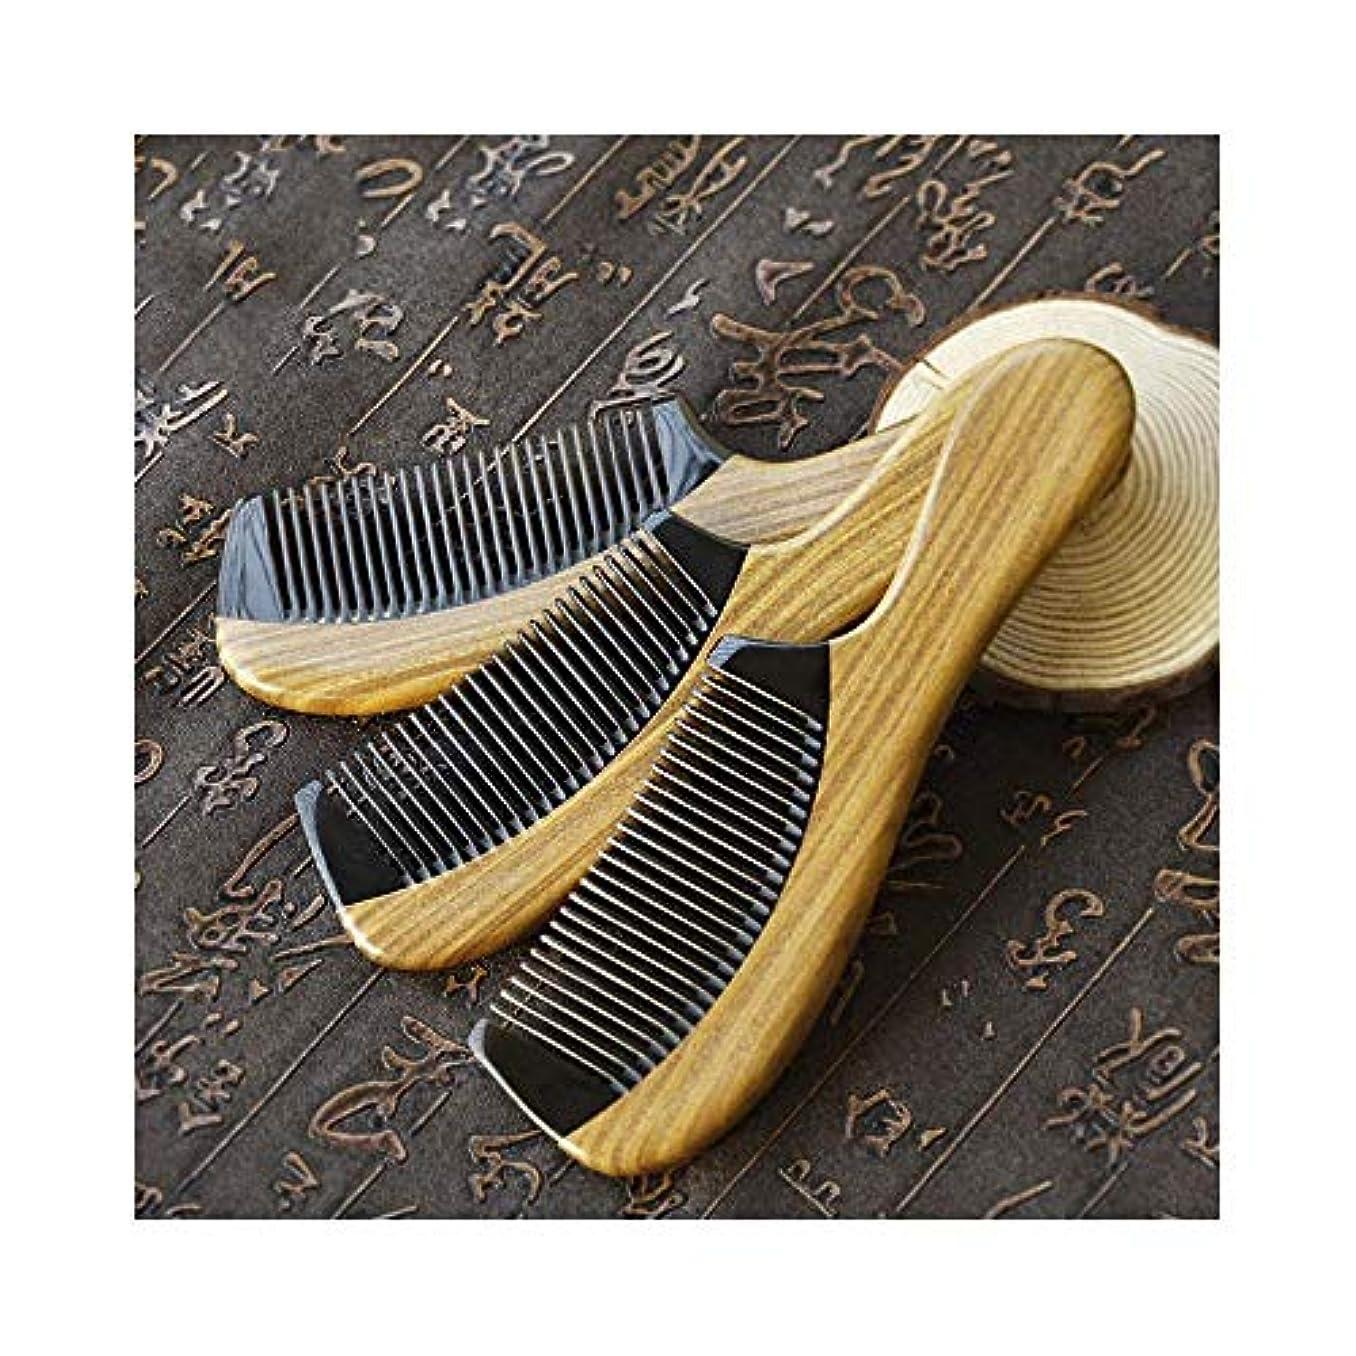 裂け目灰ルネッサンスグリーンサンダルウッド櫛静電気防止マッサージヘアブラシ付きFashian手作りの木製くしナチュラルバッファローホーン ヘアケア